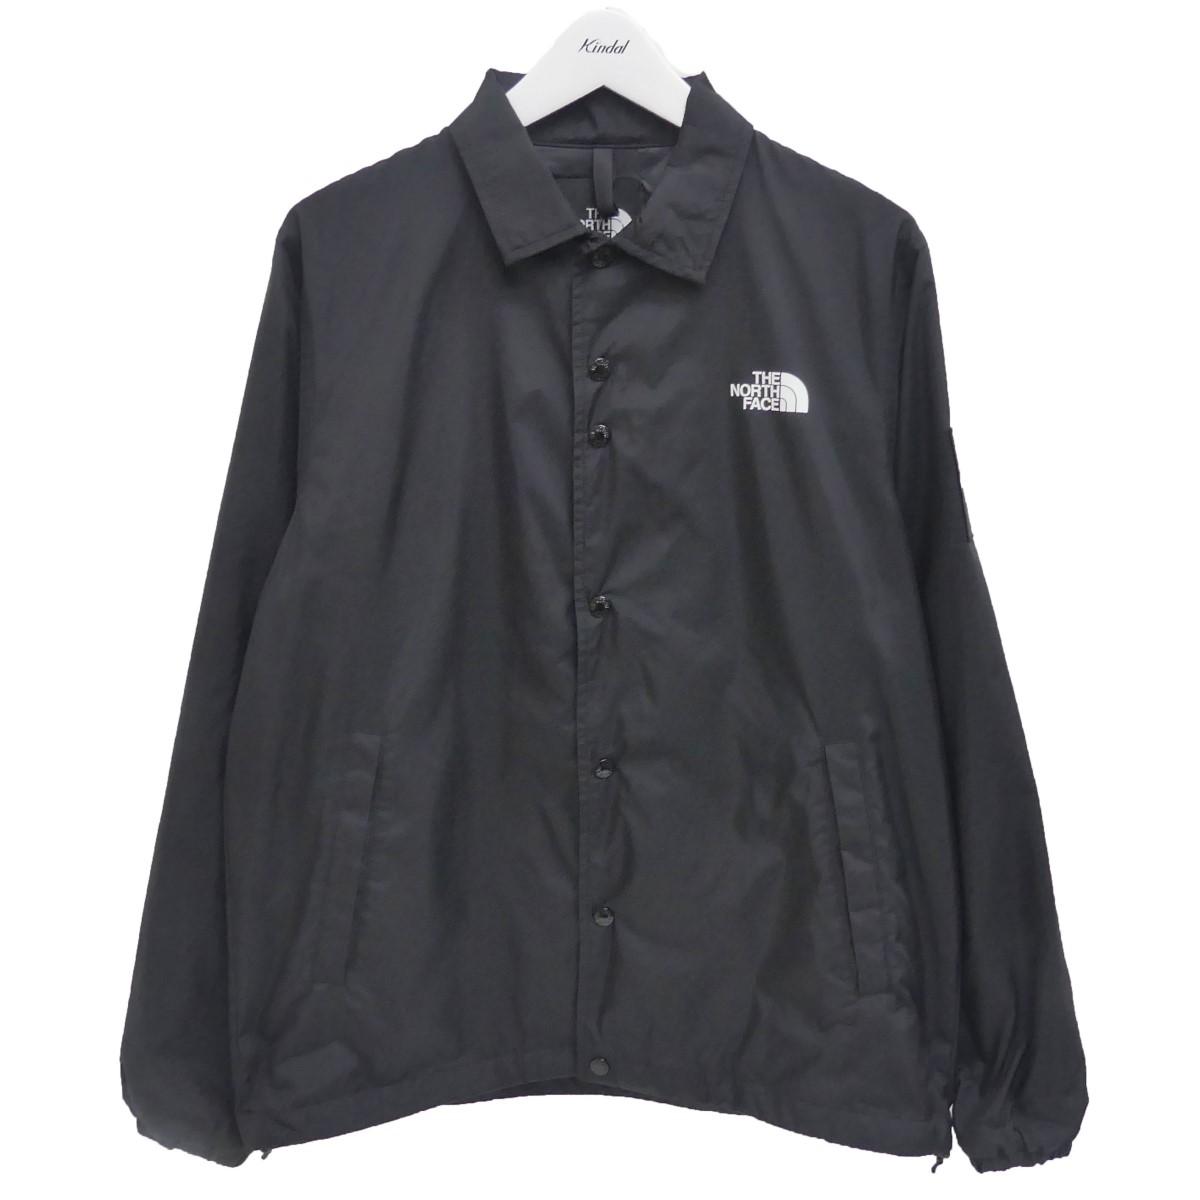 【中古】THE NORTH FACE コーチジャケット THE COACH JACKET ブラック サイズ:L 【160720】(ザノースフェイス)